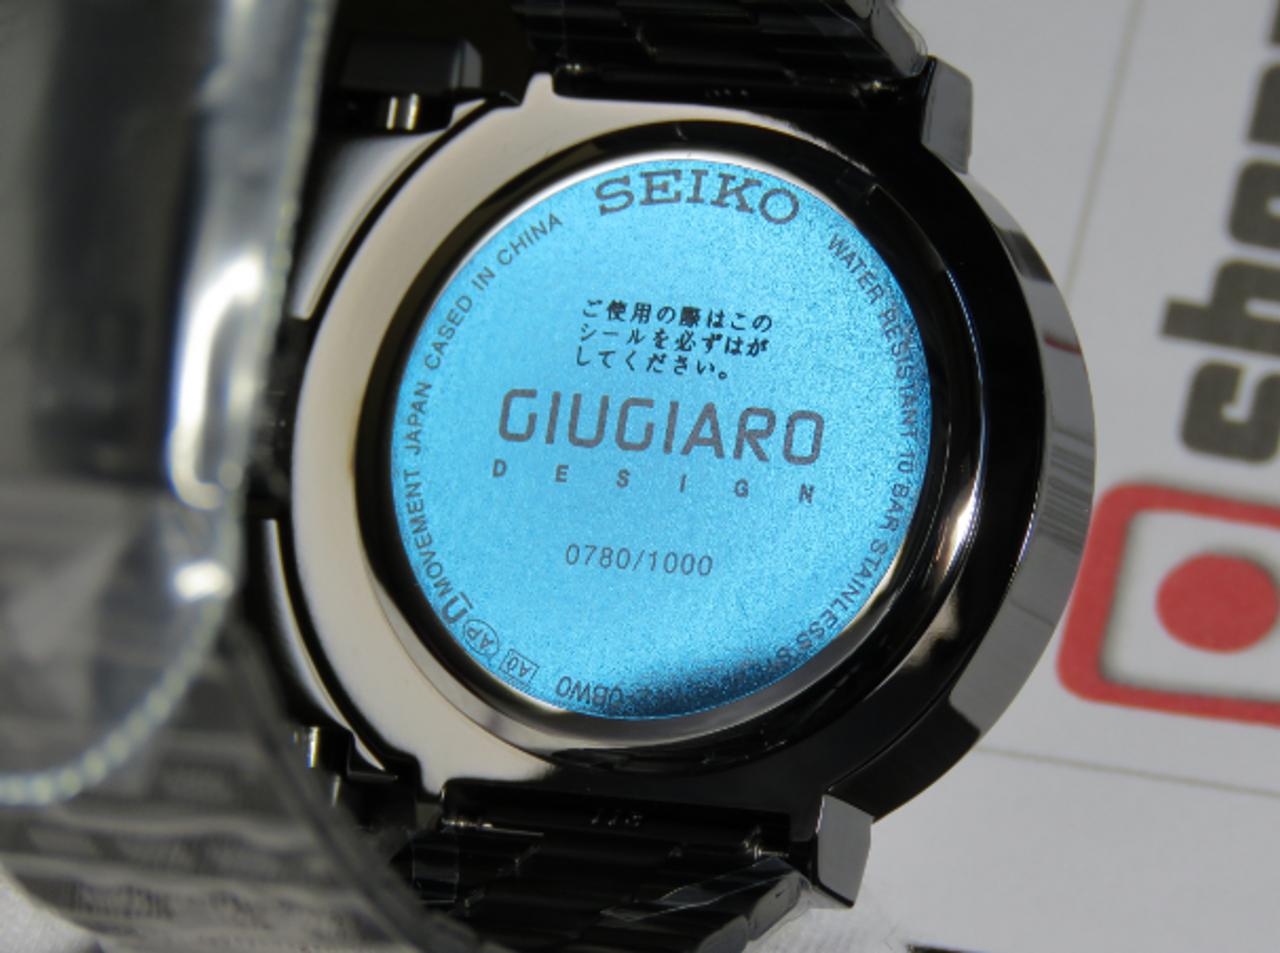 Seiko Giugiaro Design SCED051